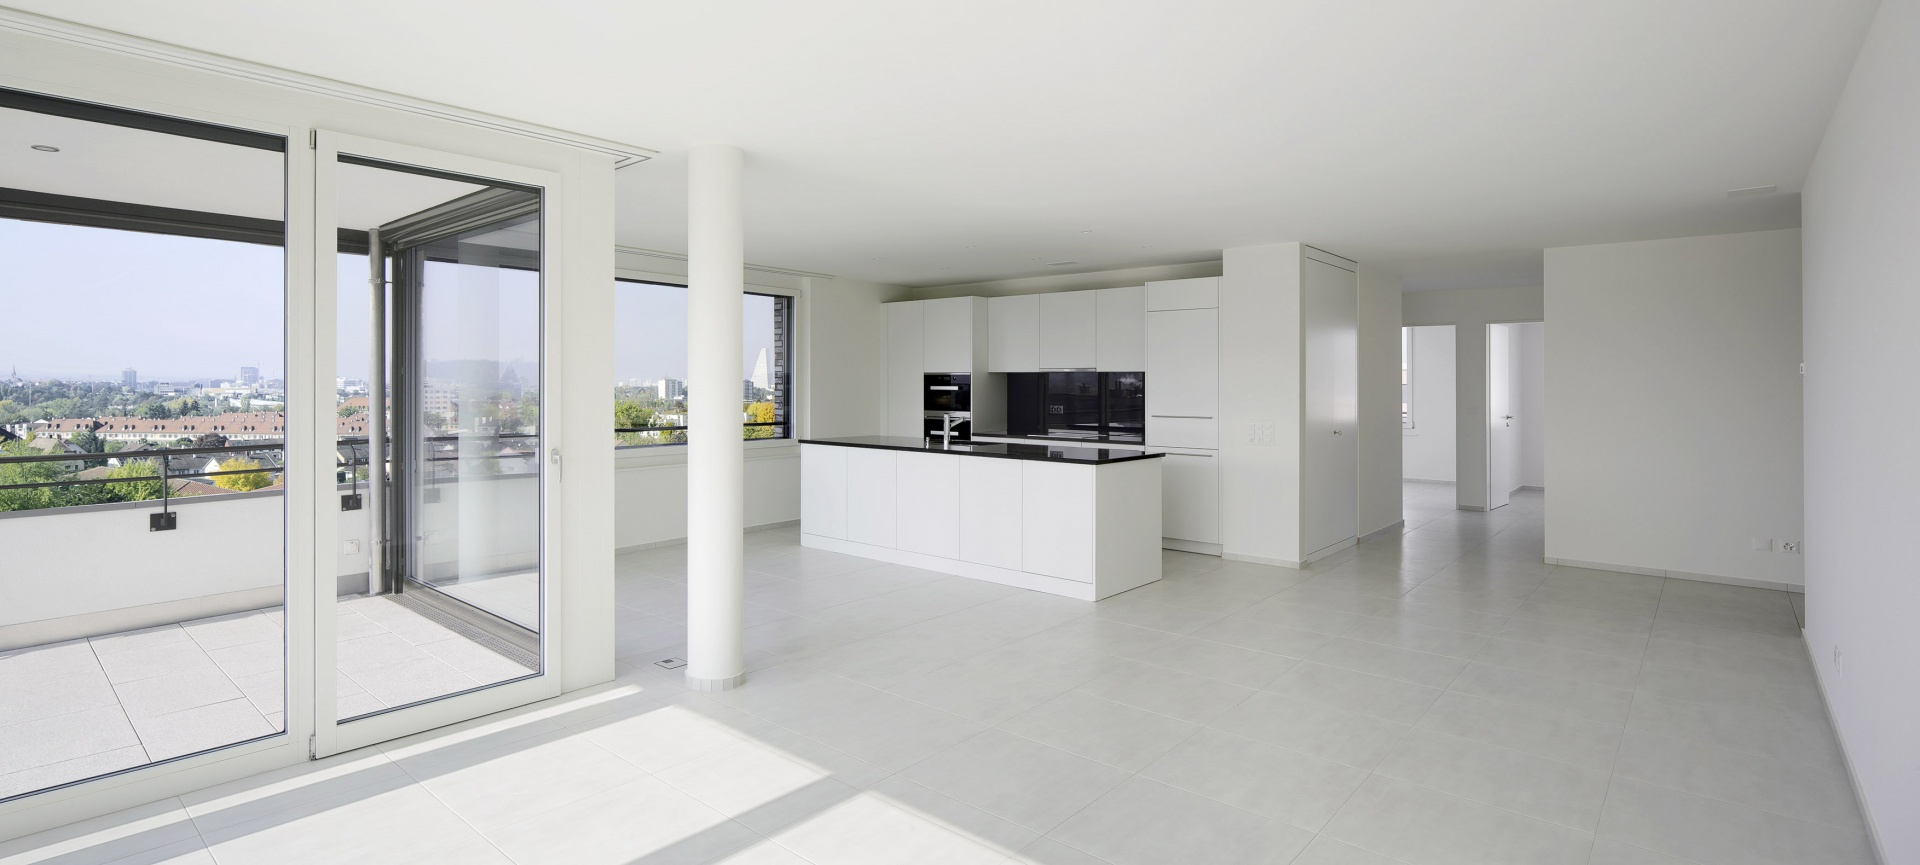 Lutzertgarten_Wohnung © Tom Bisig, Basel